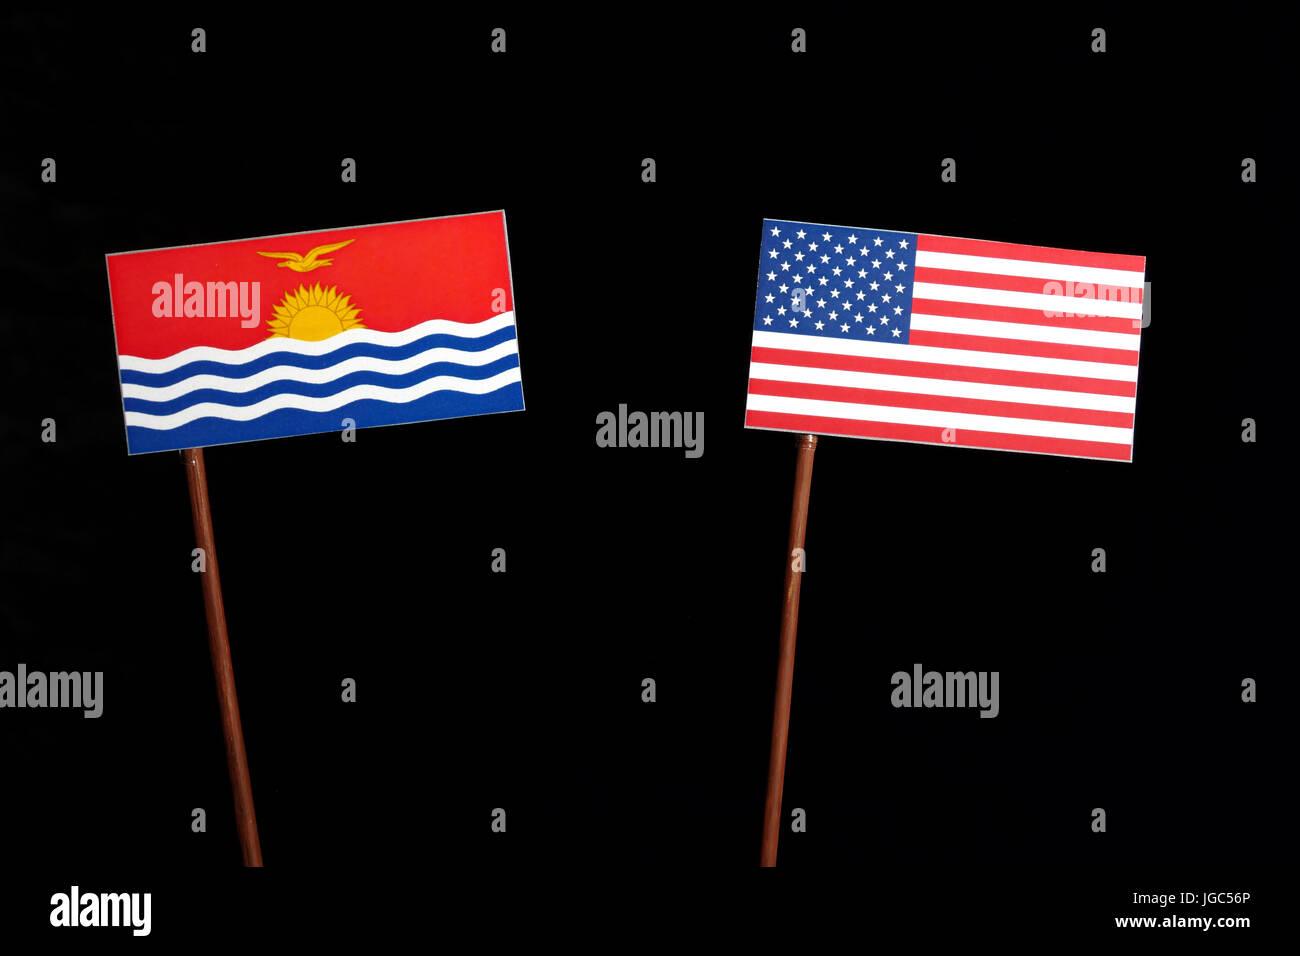 Kiribati flag with USA flag isolated on black background - Stock Image